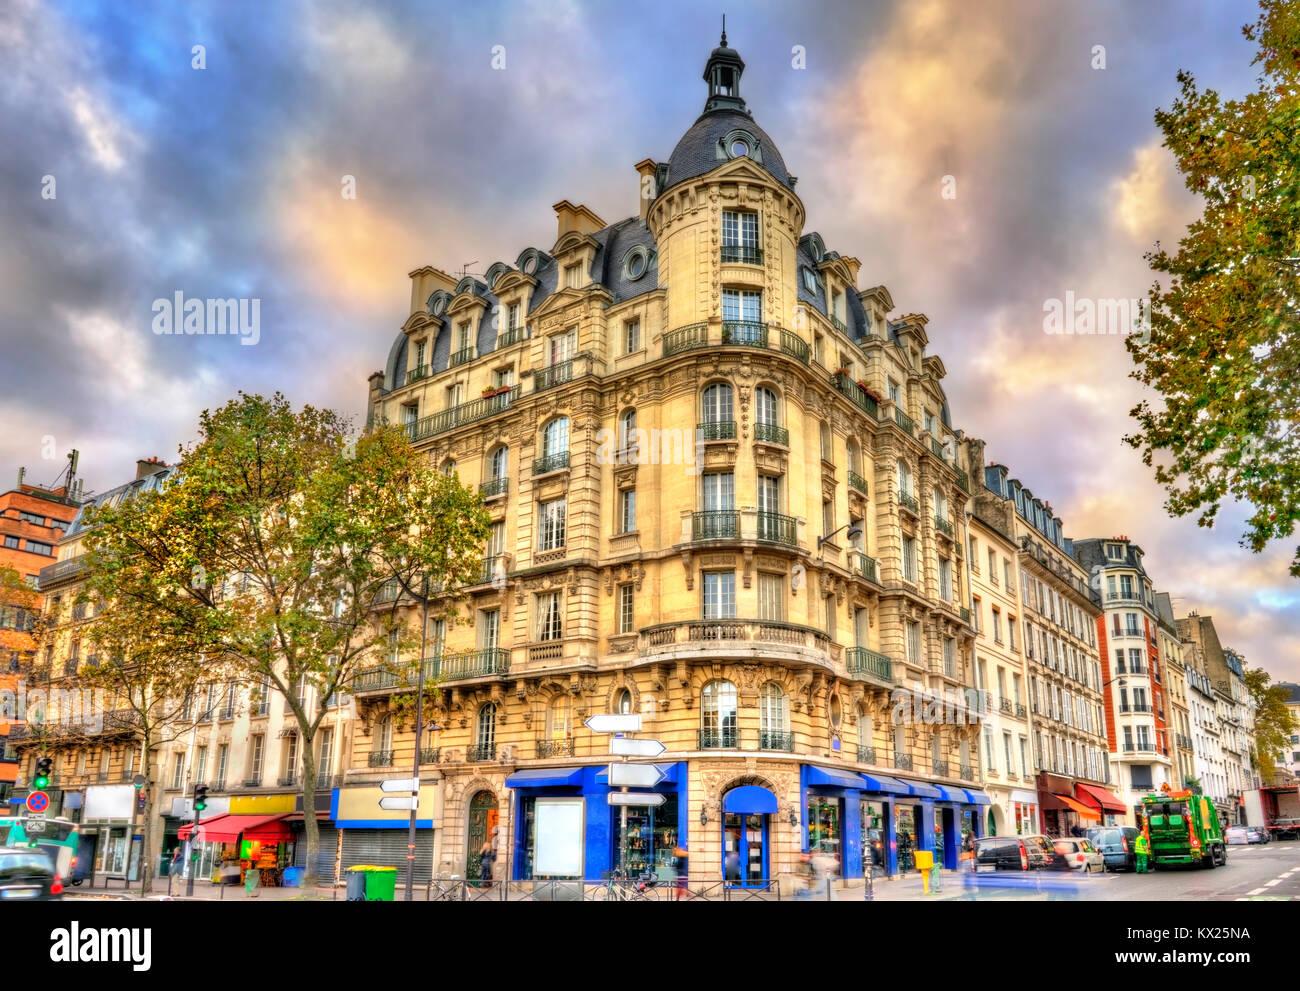 Bâtiments typiques de Paris, France Photo Stock